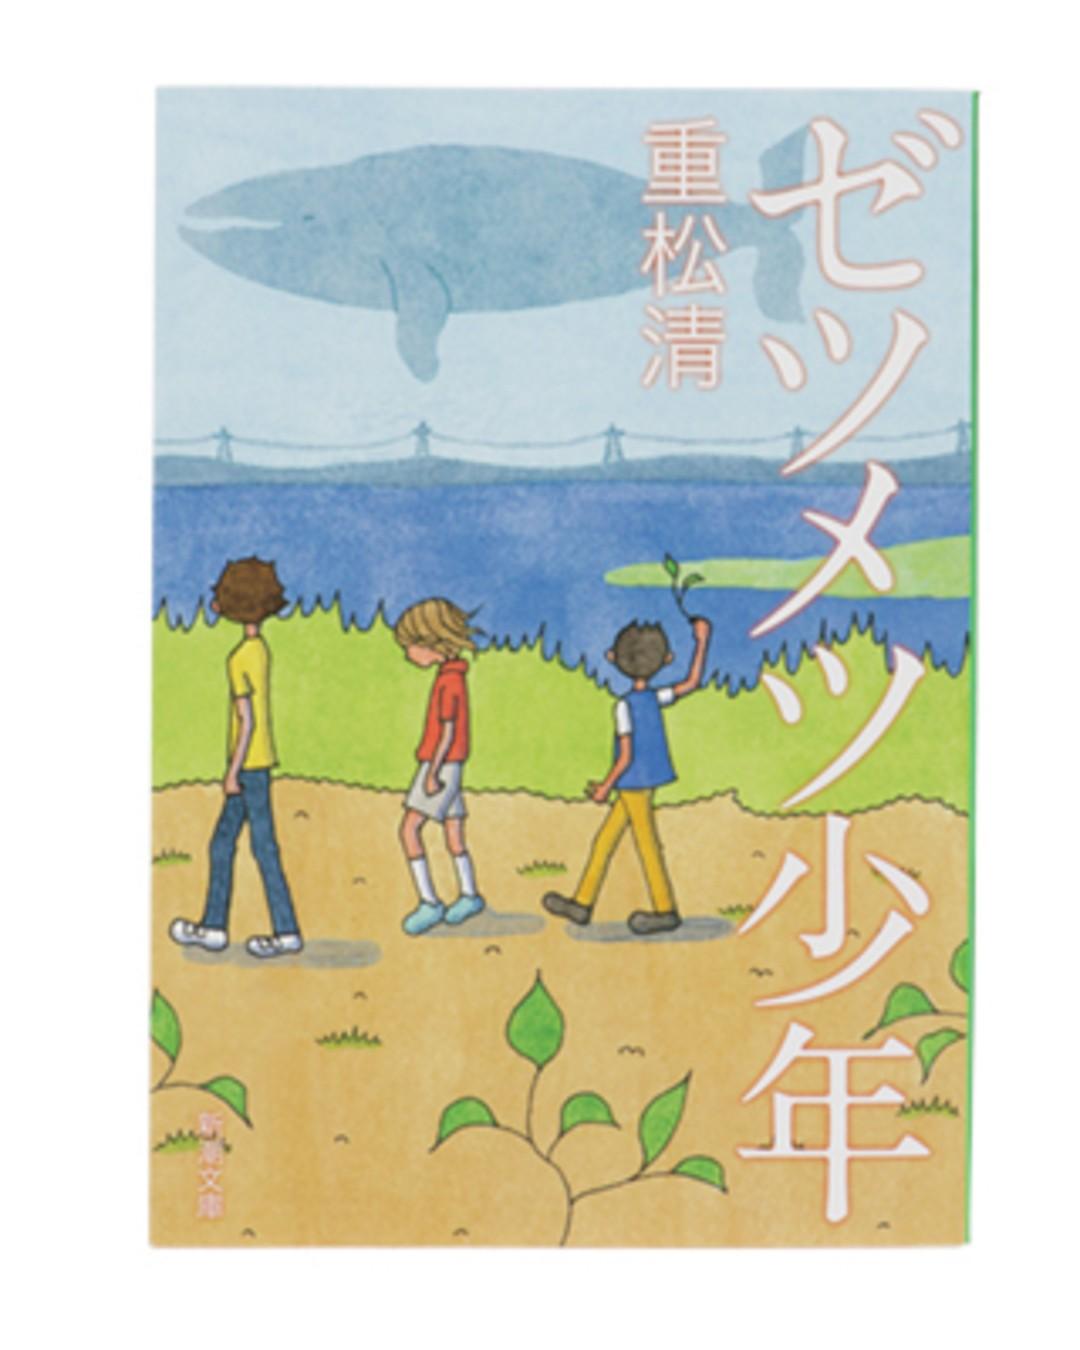 『ゼツメツ少年』 重松清/新潮社